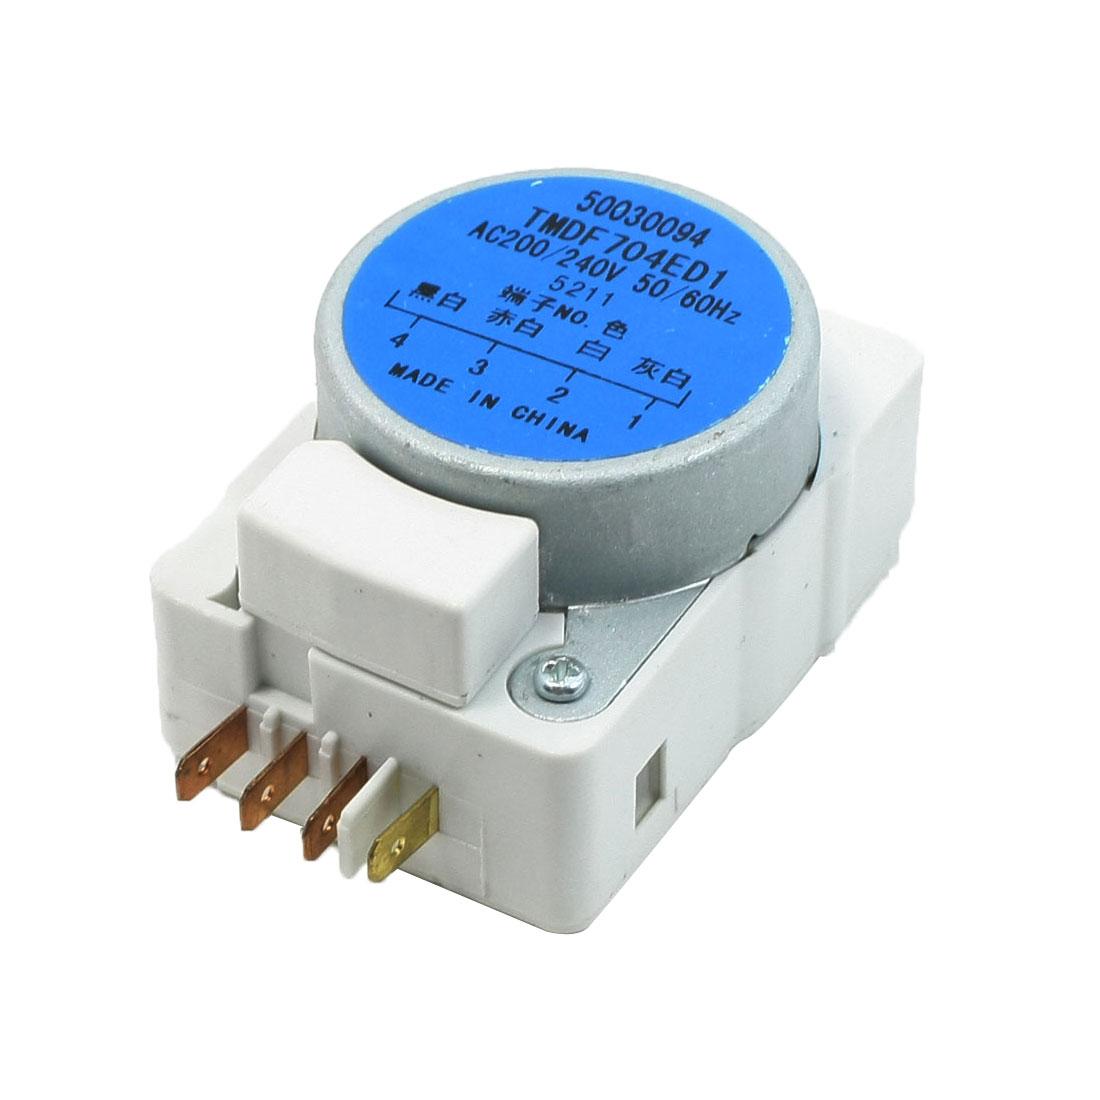 AC 200/240V 50/60Hz TMDF704ED1 Type Fridge Refrigerator Defrost Timer